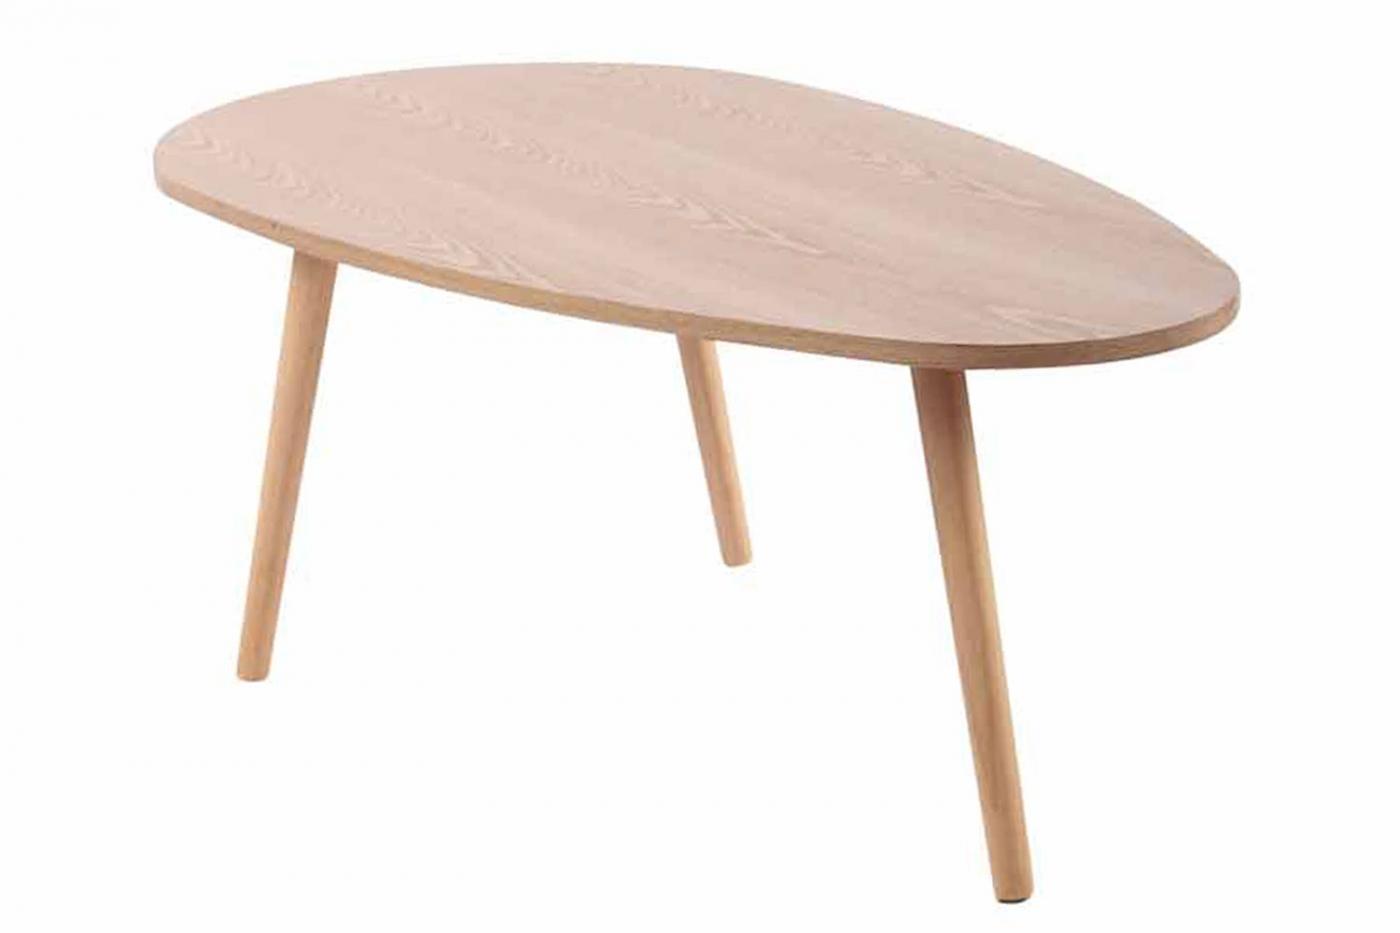 Konferenční stolek Barnie, 90 cm, přírodní dřevo